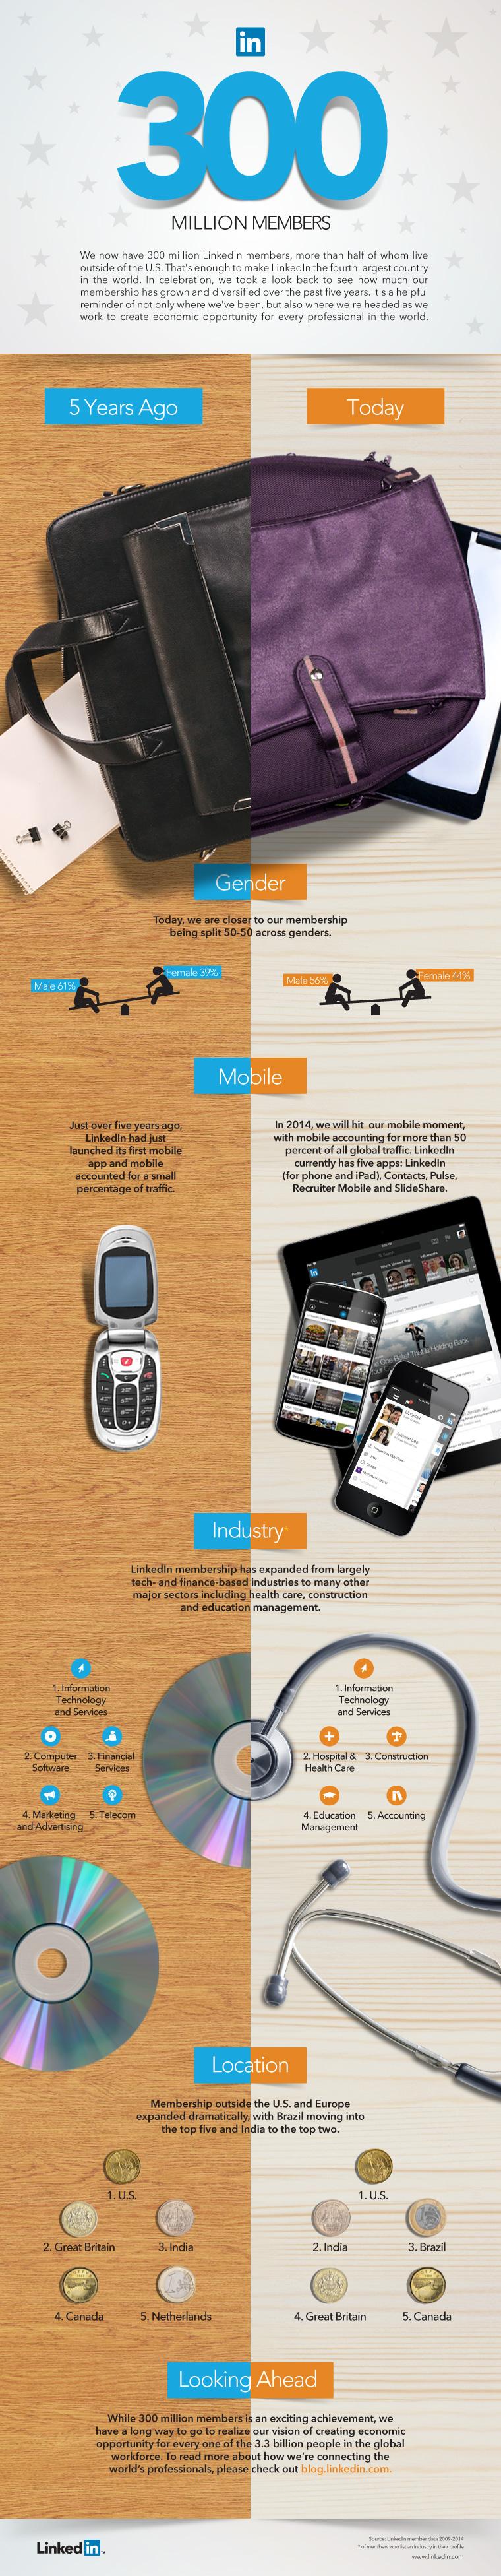 http://files.smart.pr/1c/2e9fd0c6fd11e3a47b872659244028/300m-infographic.jpg